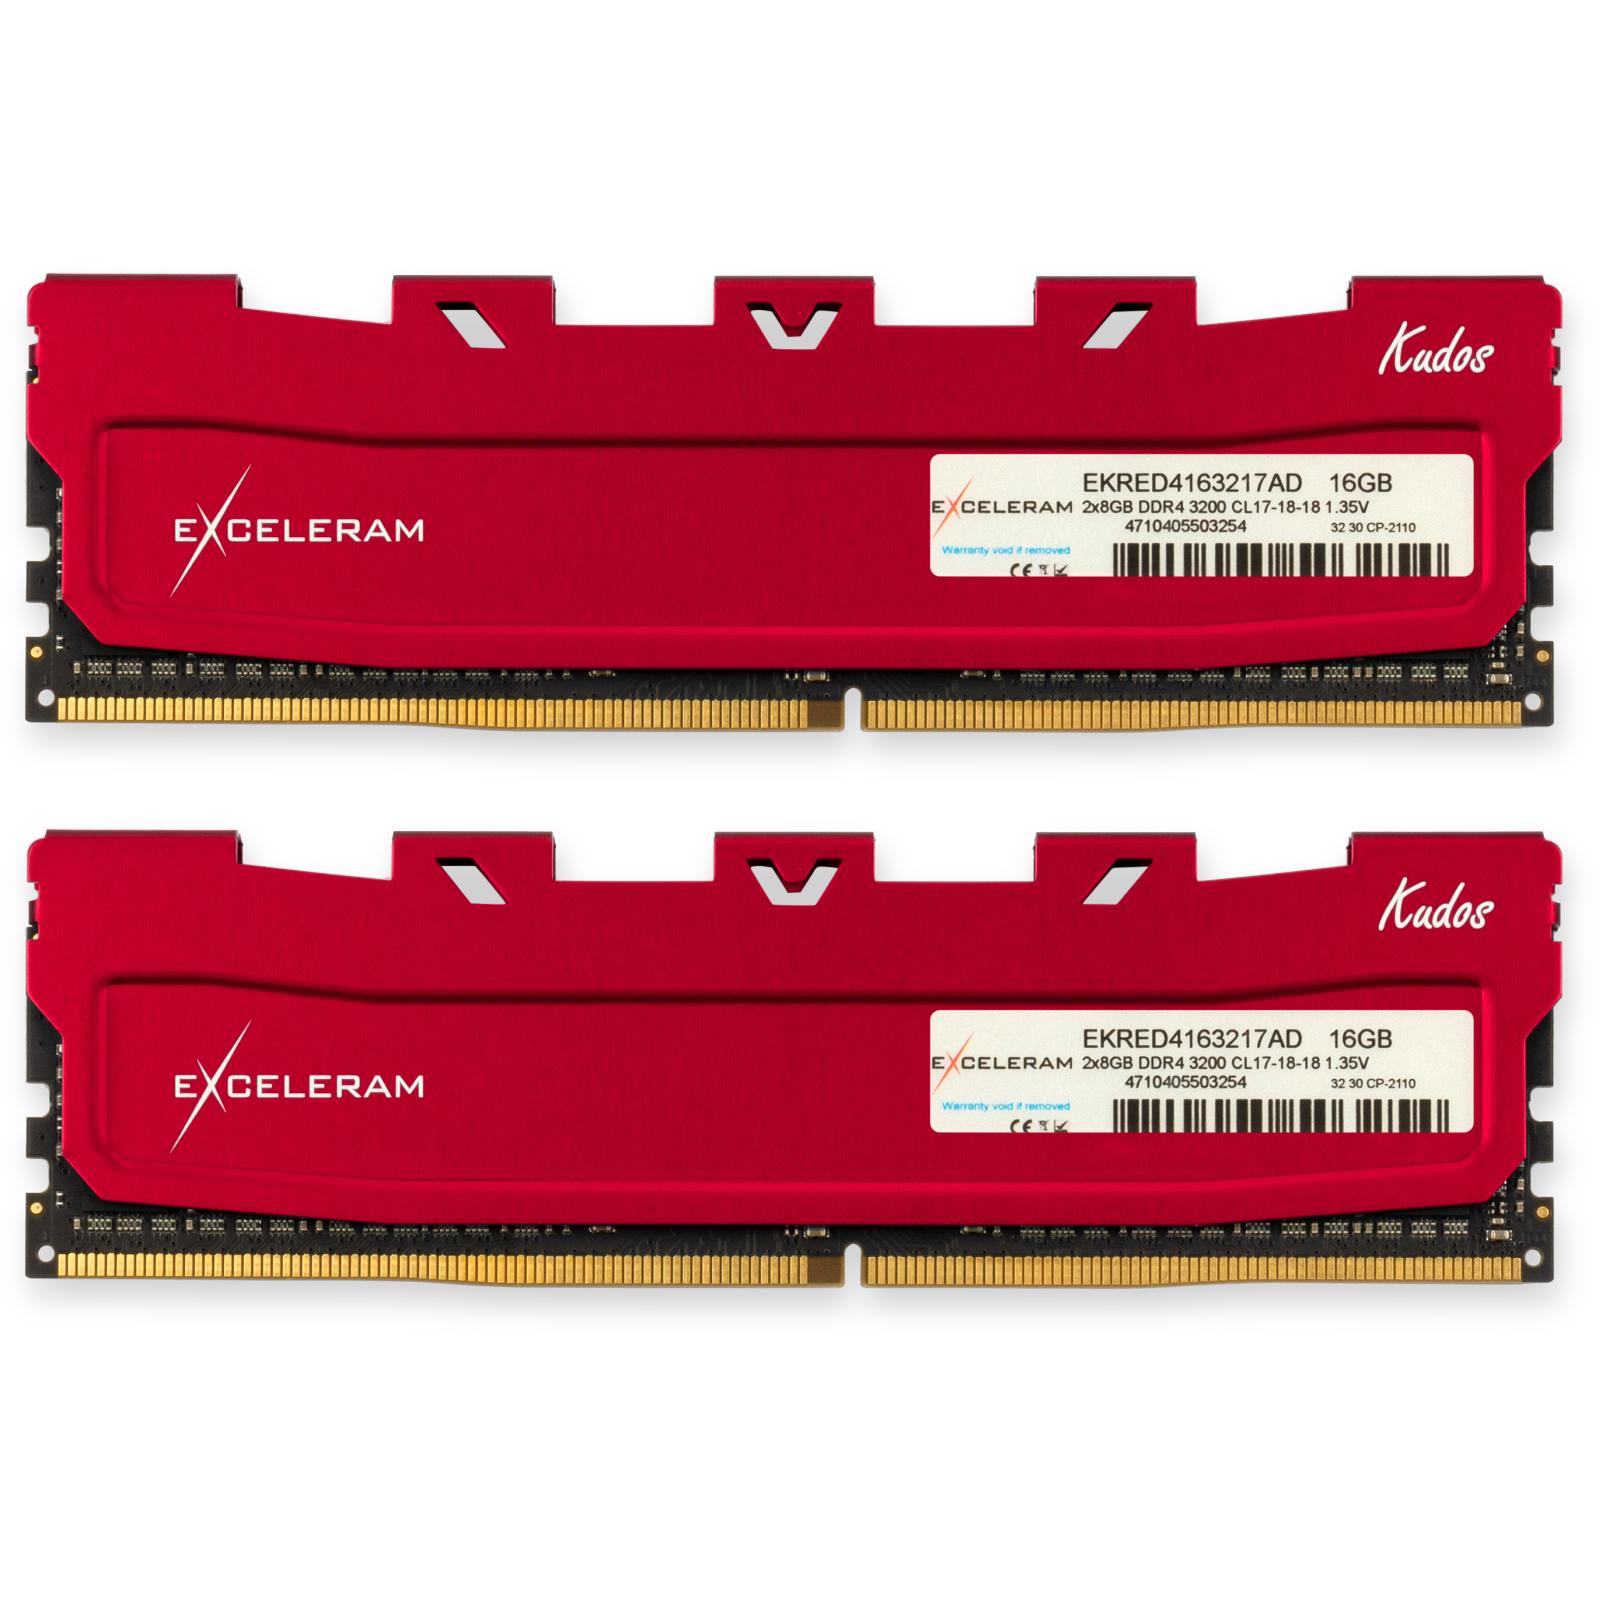 Модуль памяти для компьютера DDR4 16GB (2x8GB) 3200 MHz Kudos Red eXceleram (EKRED4163217AD)